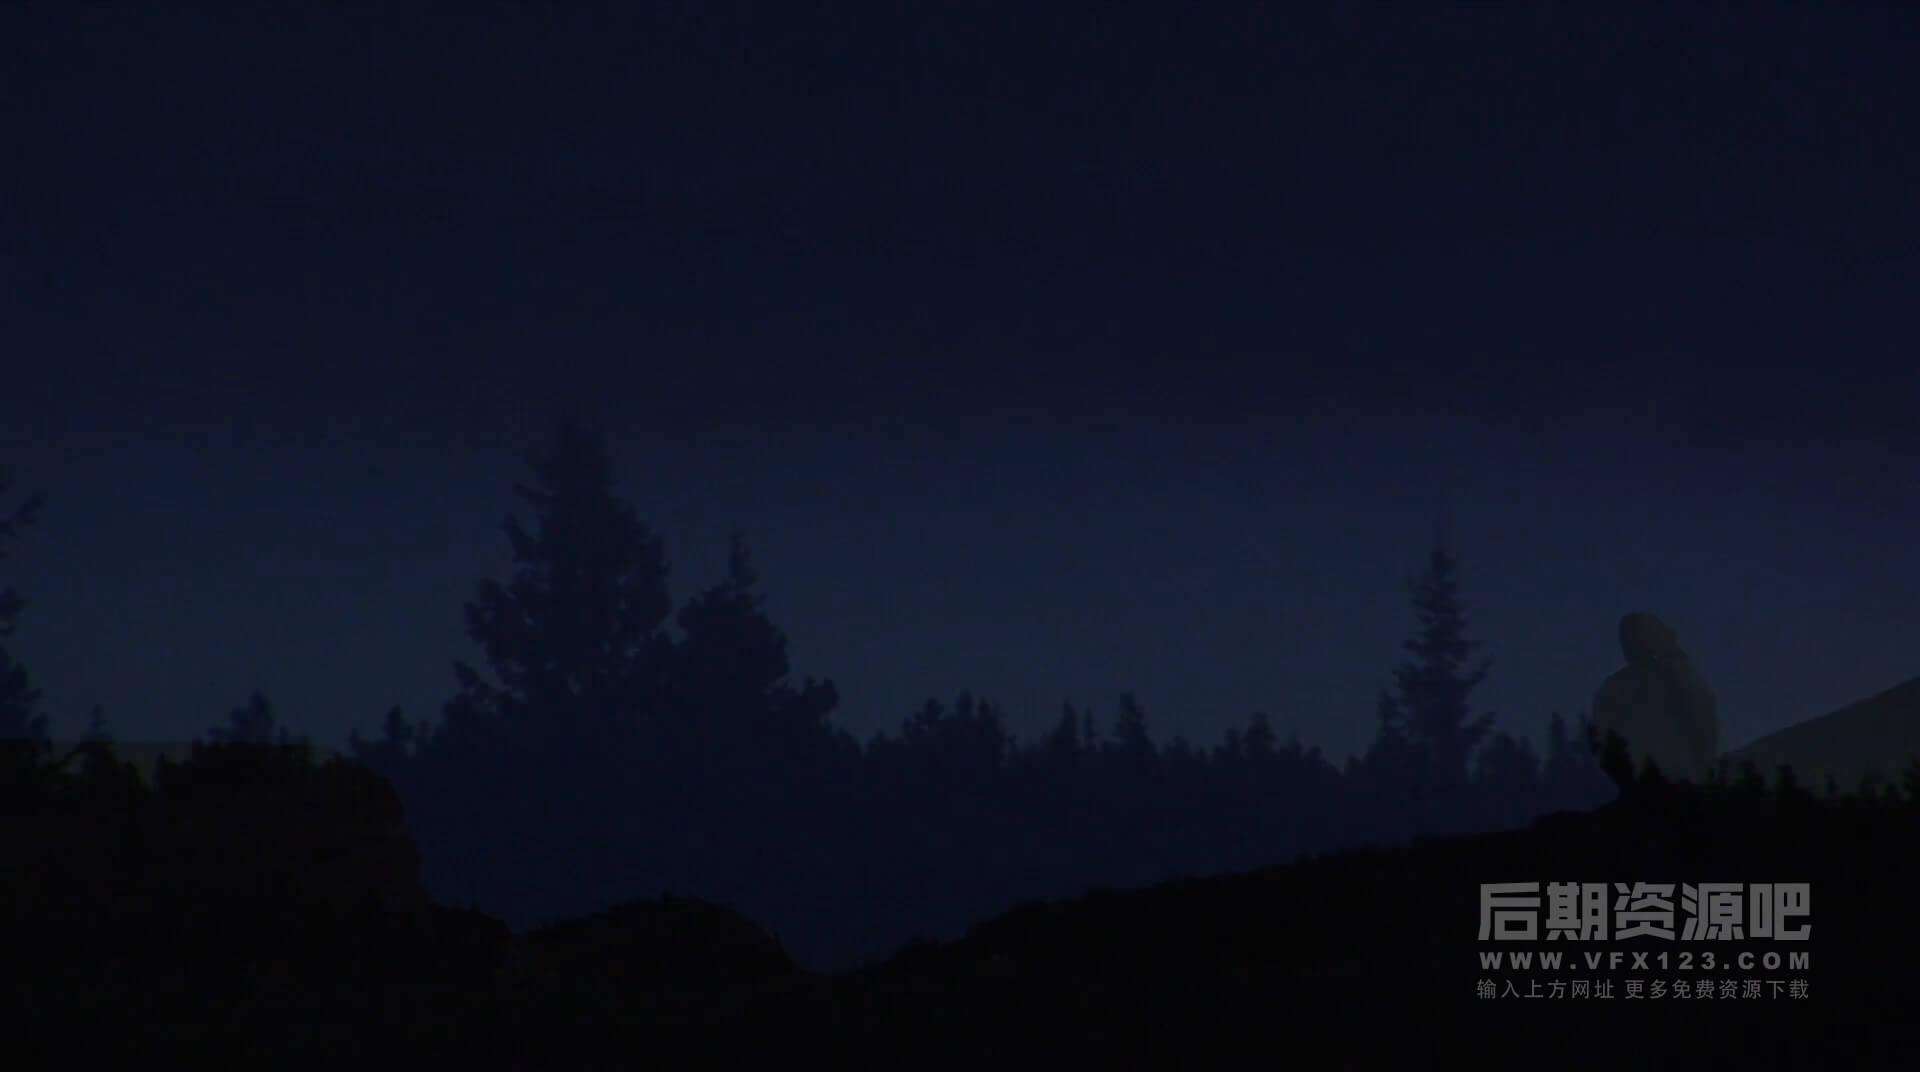 音效素材 大自然环境音效风雨雷昆虫海浪森林沙漠草原落叶峡谷 NATURE ESSENTIALS | MAC影视后期资源站